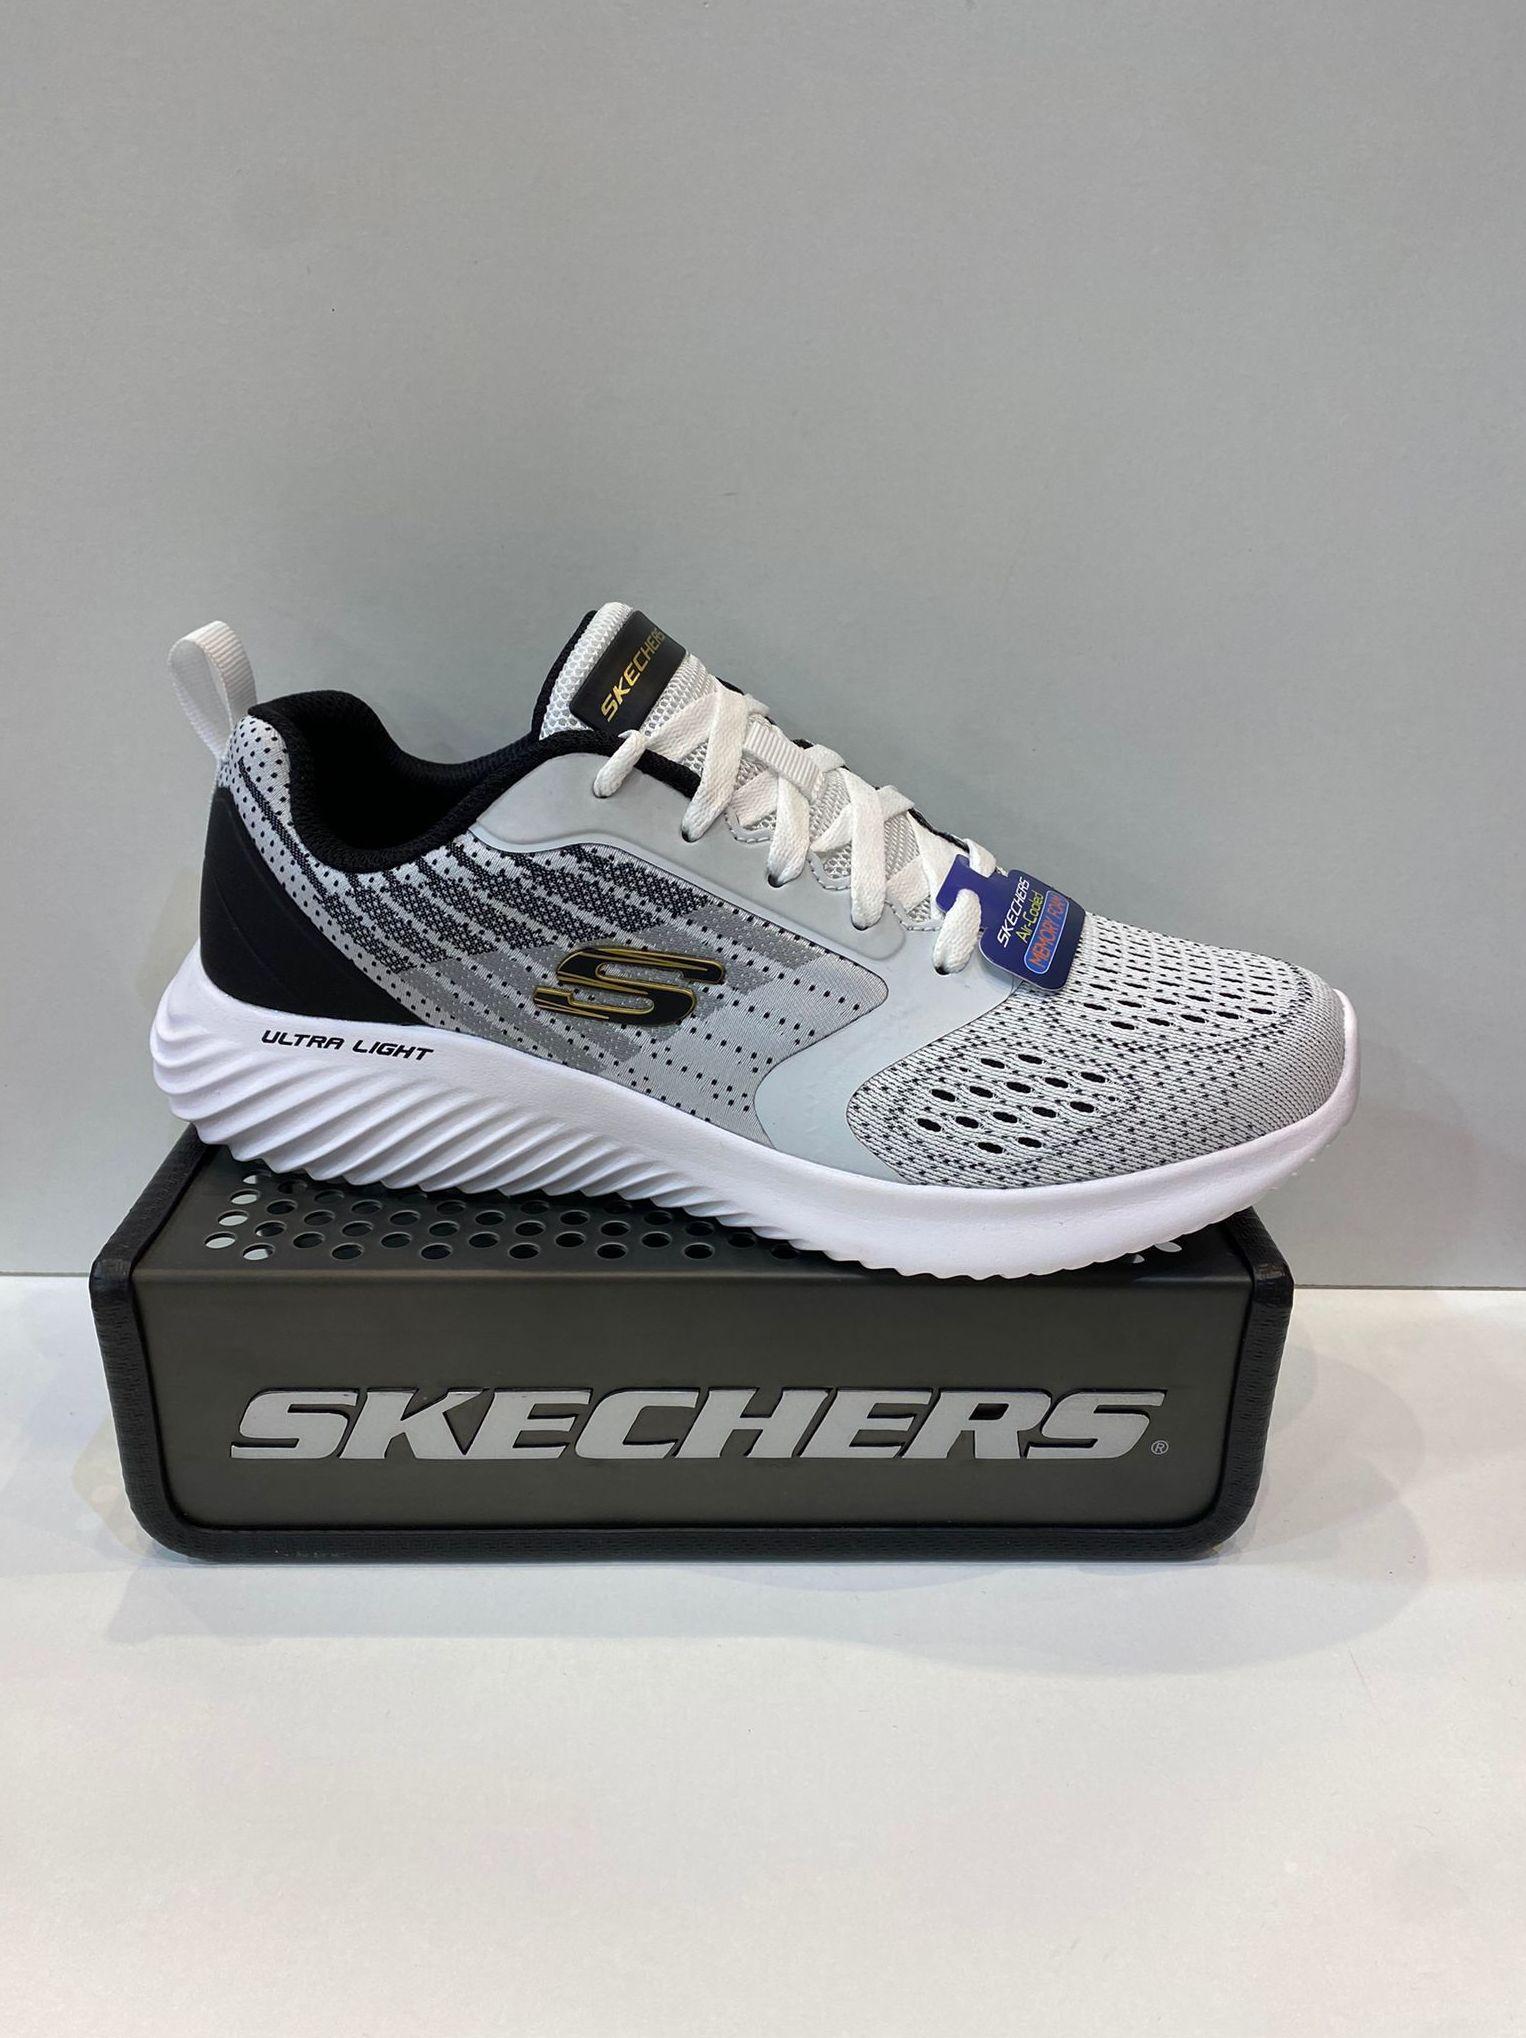 Sabata esportiva d'home, de la marca Skechers, ample especial, plantilla extraible Air-Cooled Memory Foam, sola Ultra Light 69.95€